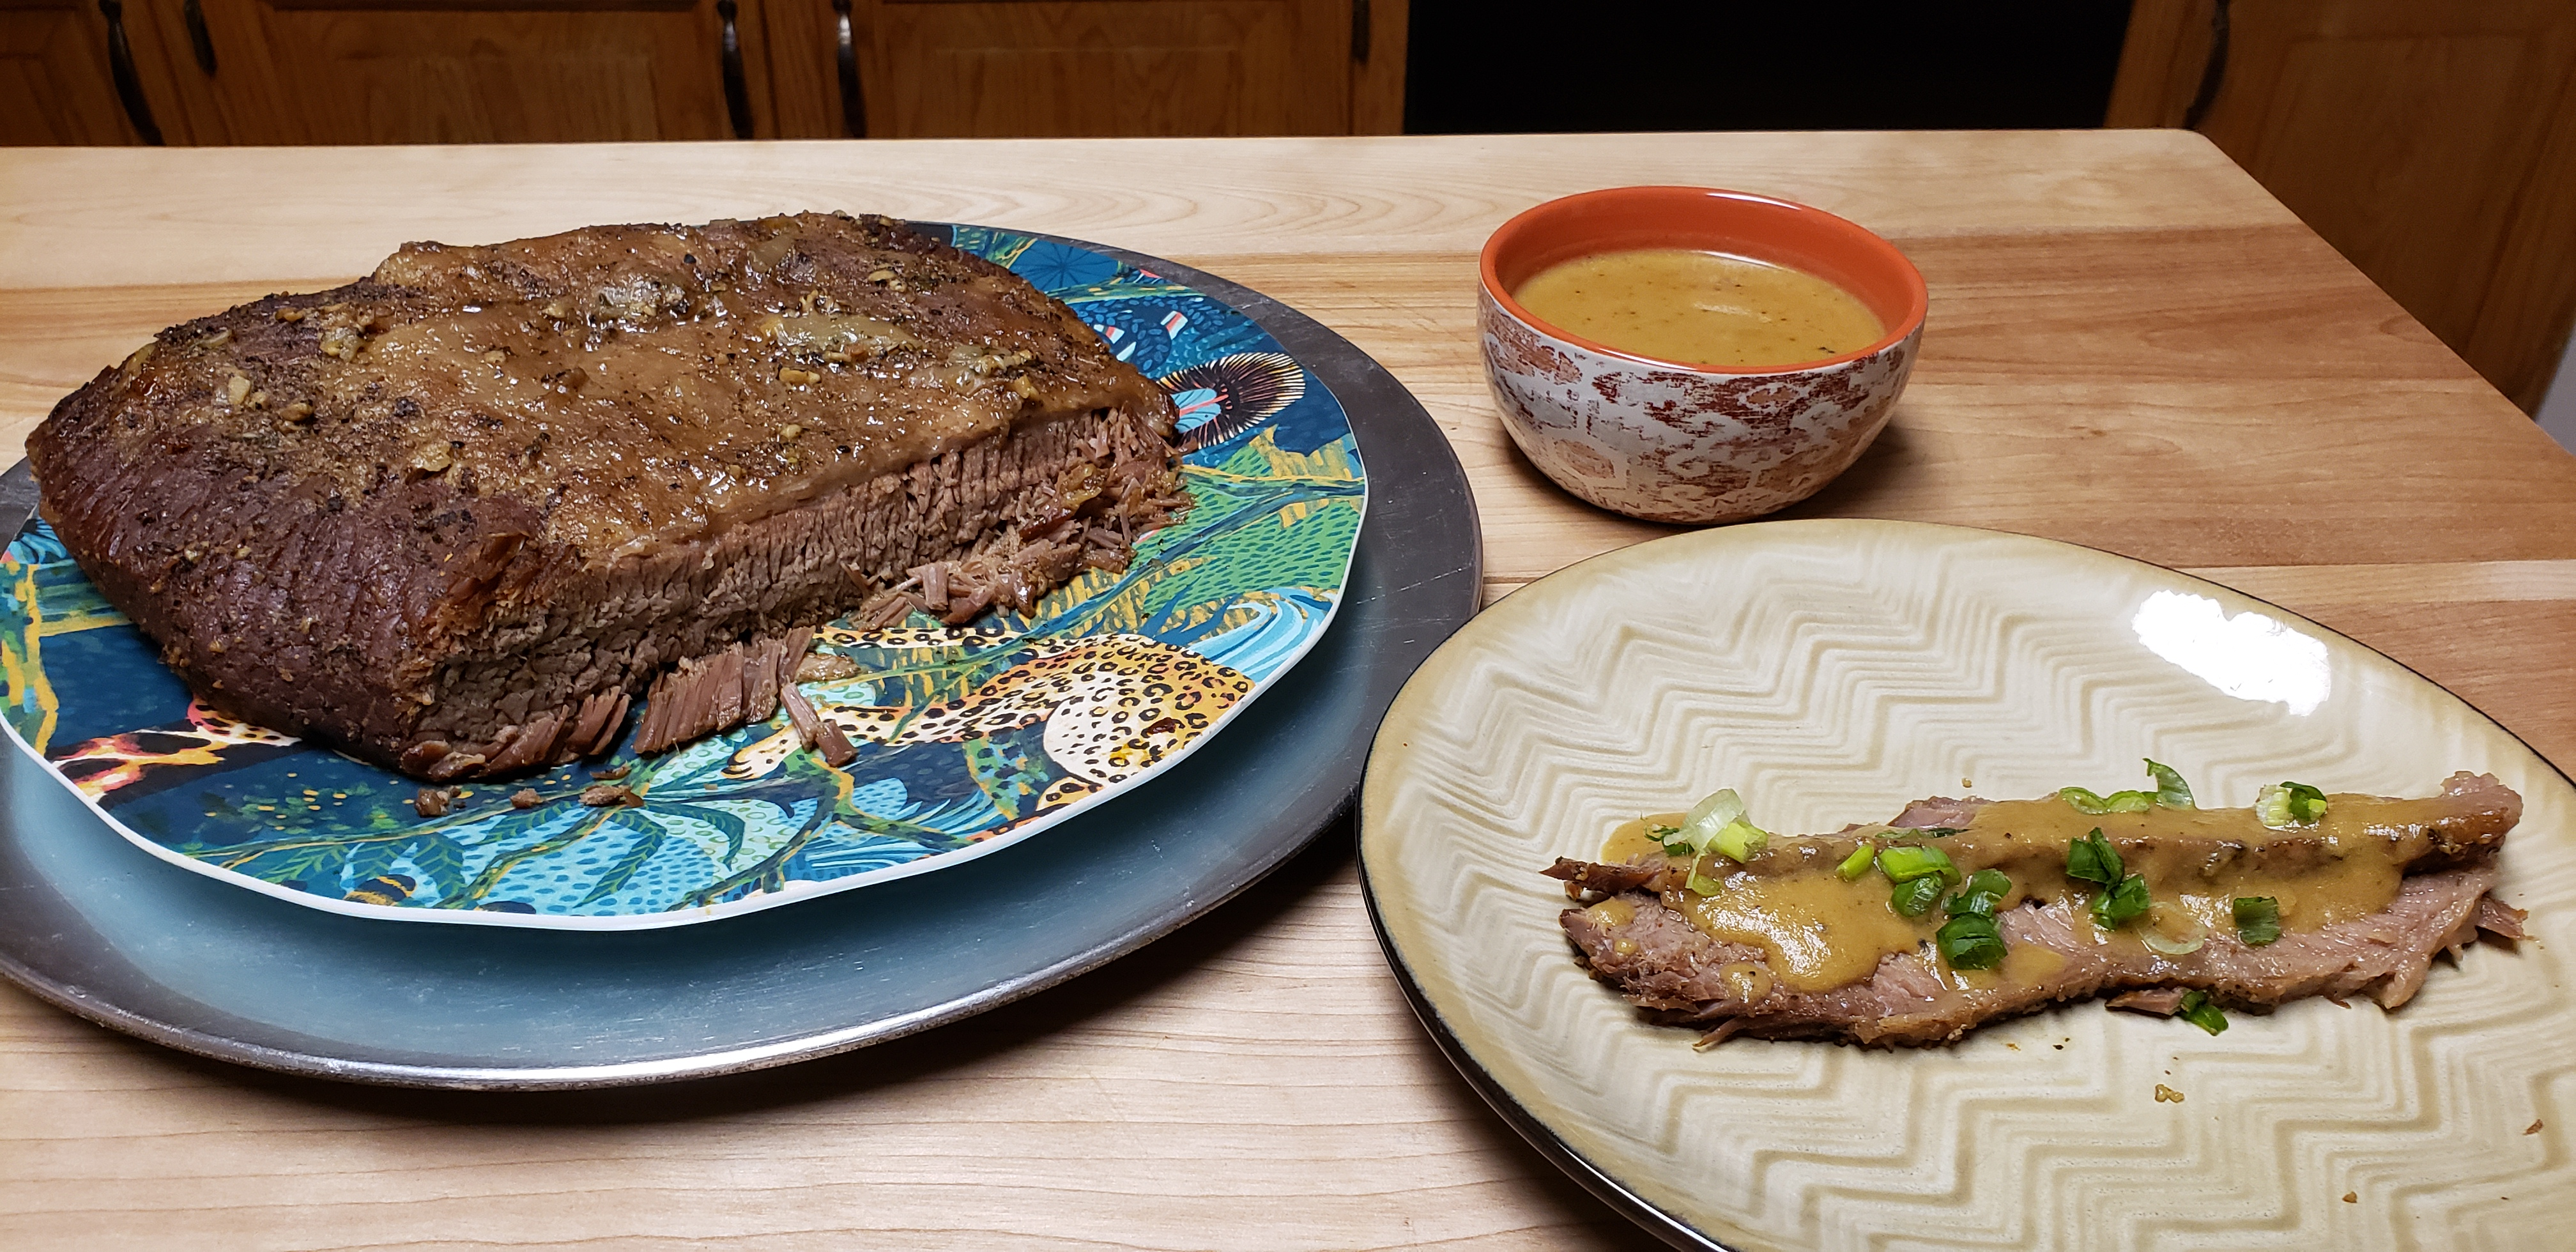 Easy Baked Beef Brisket Dwayne Perry